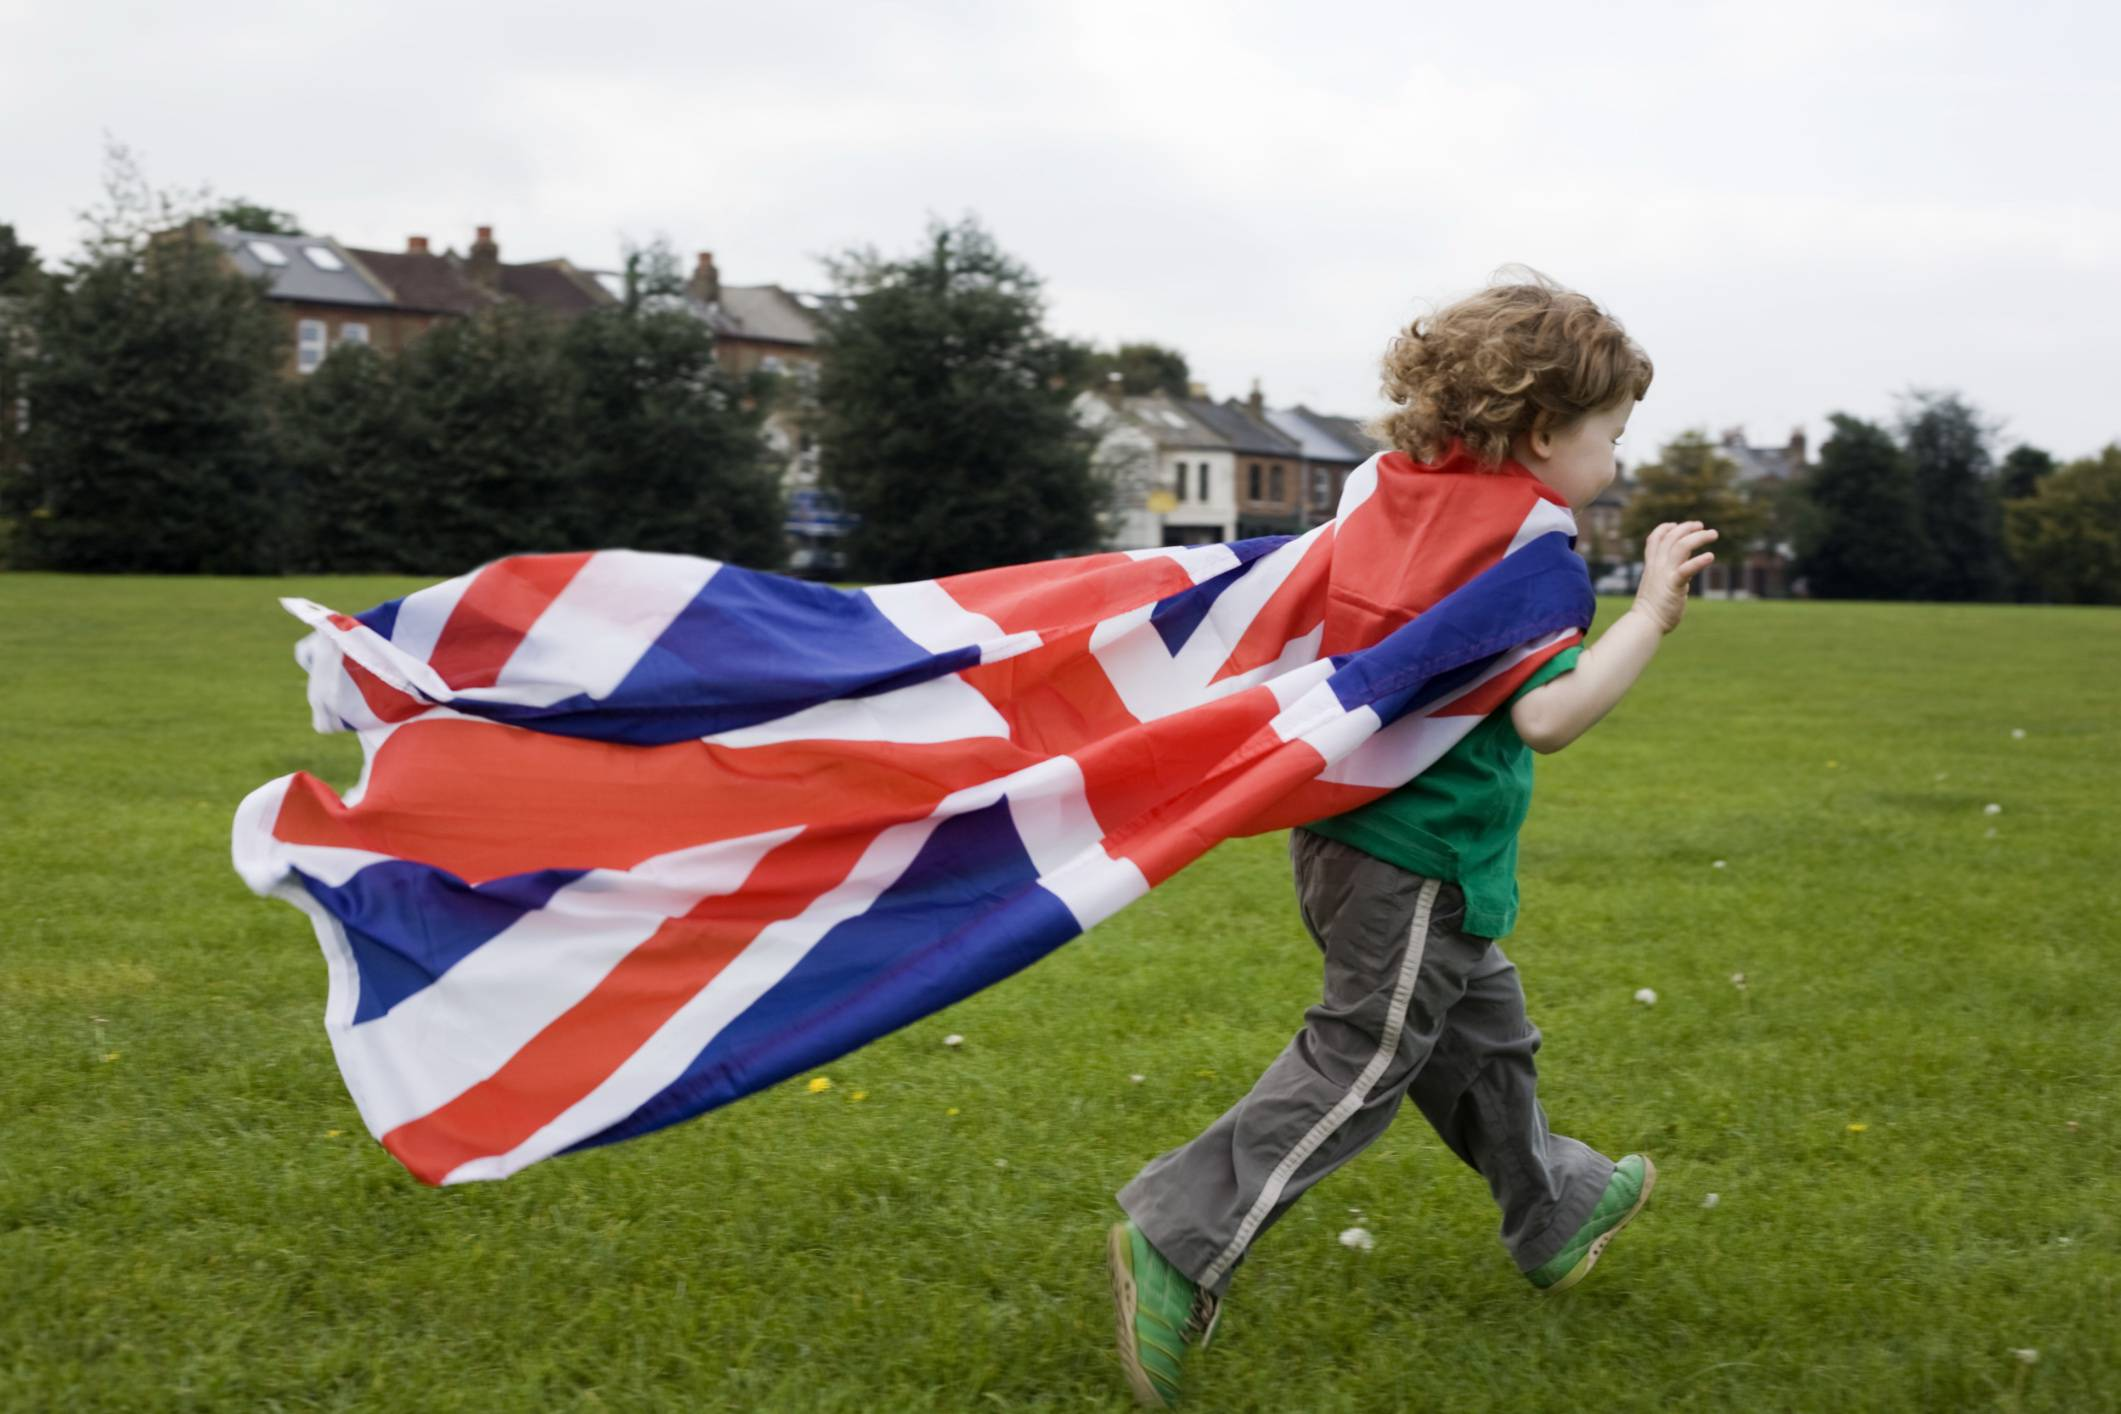 Ragazzo corre su prato con bandiera inglese come mantello